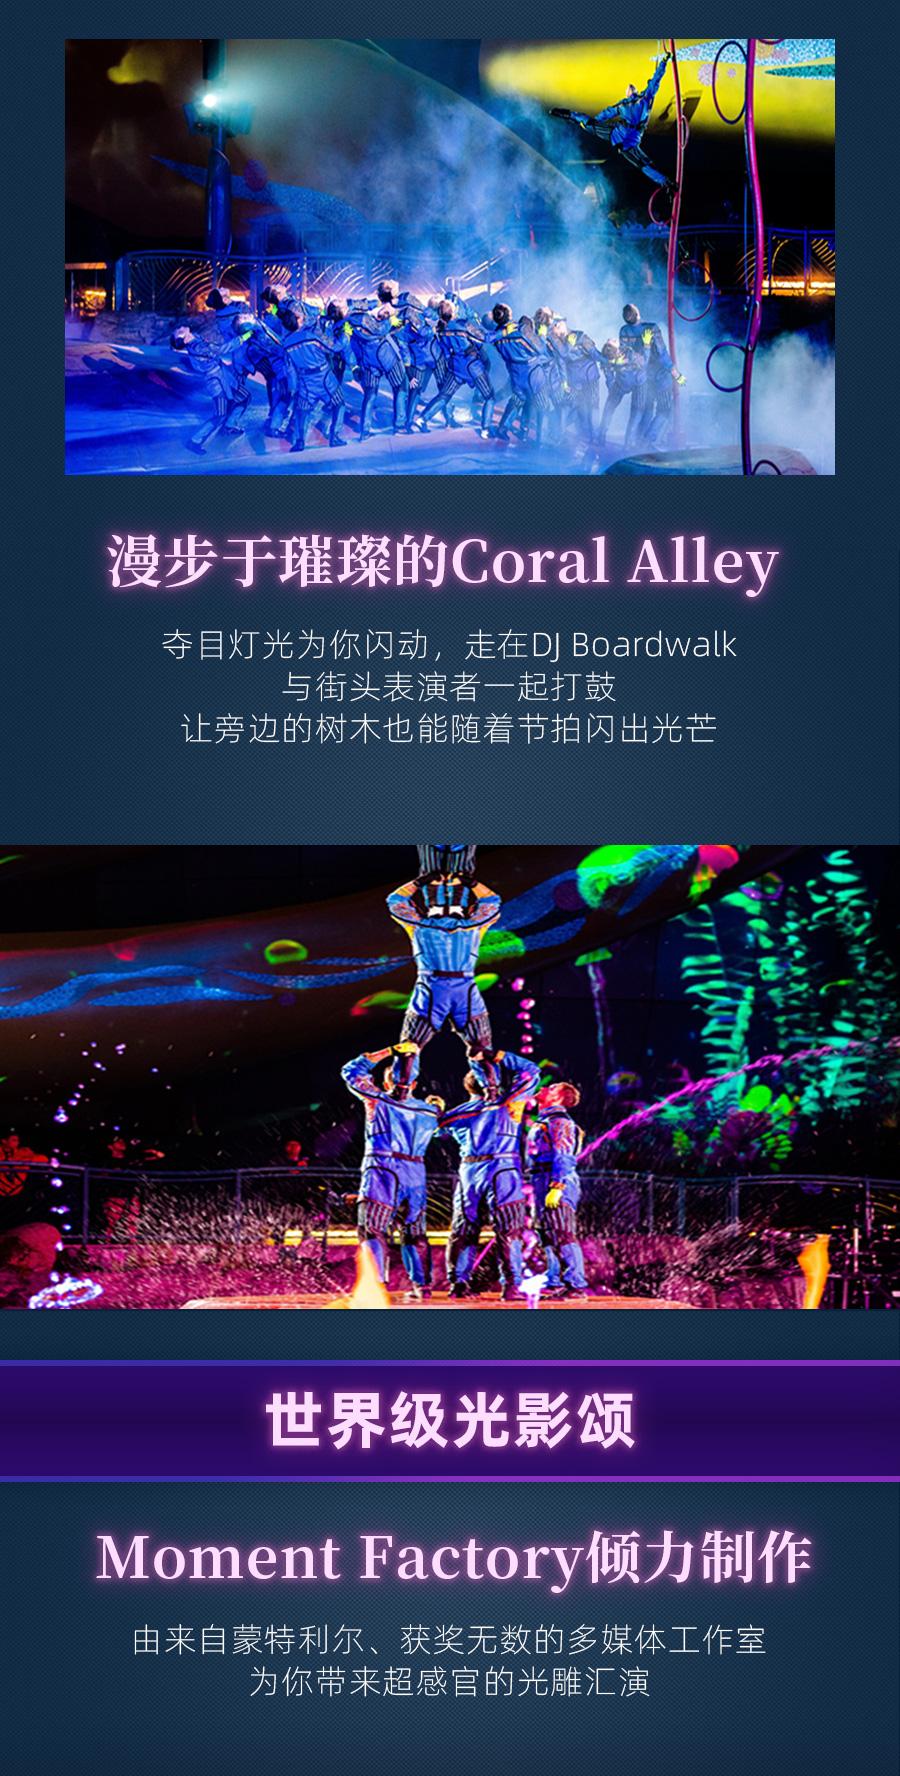 香港海洋公园光影盛夜_04.jpg